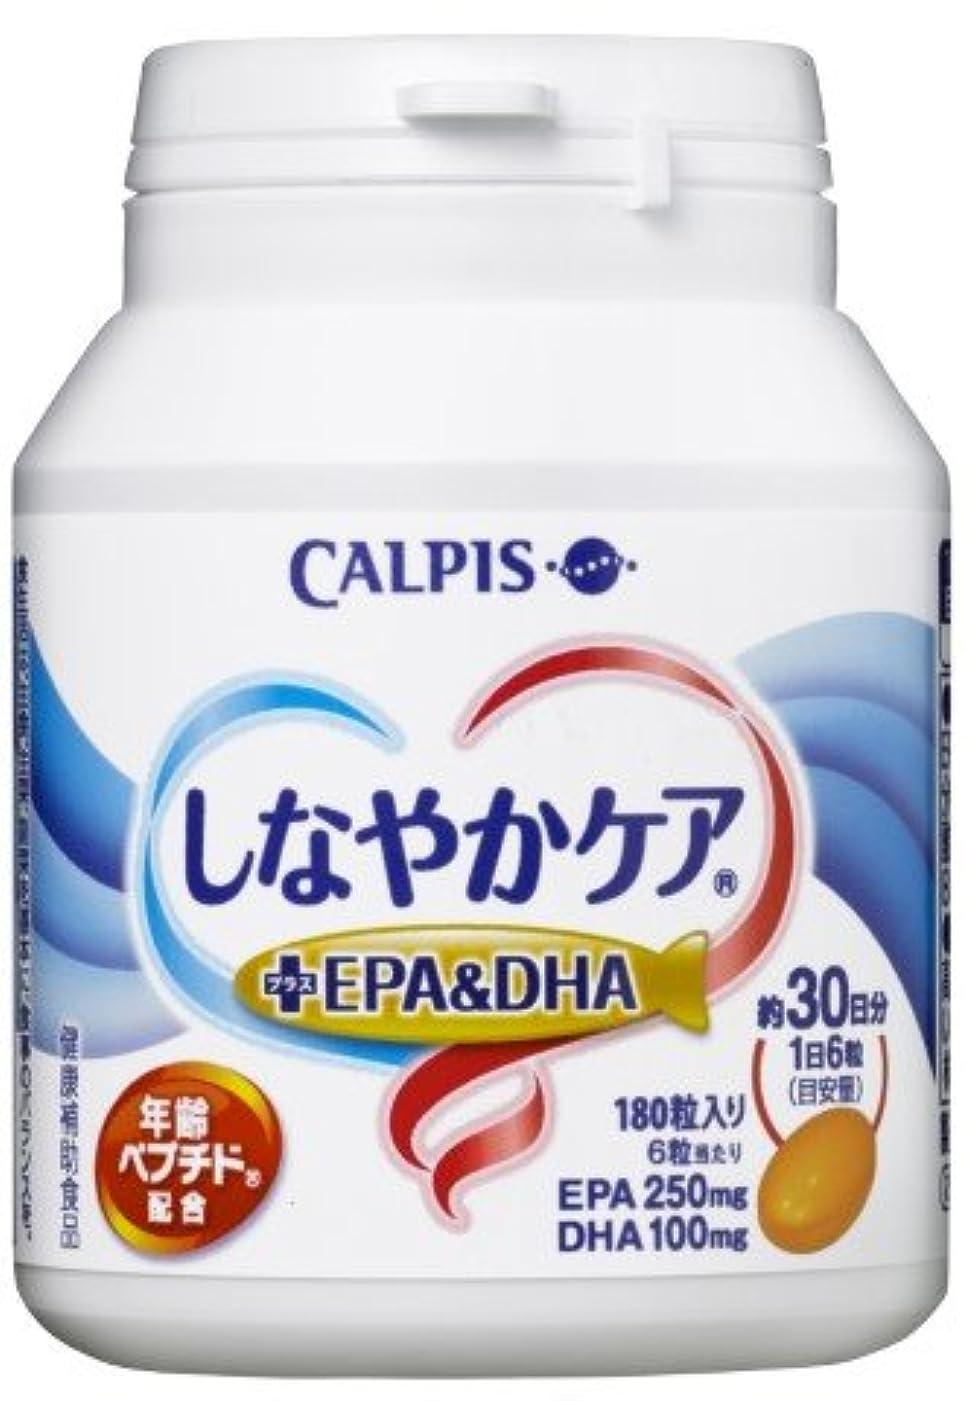 きゅうり差し迫った株式会社カルピス しなやかケア + EPA & DHA 180粒 ボトル